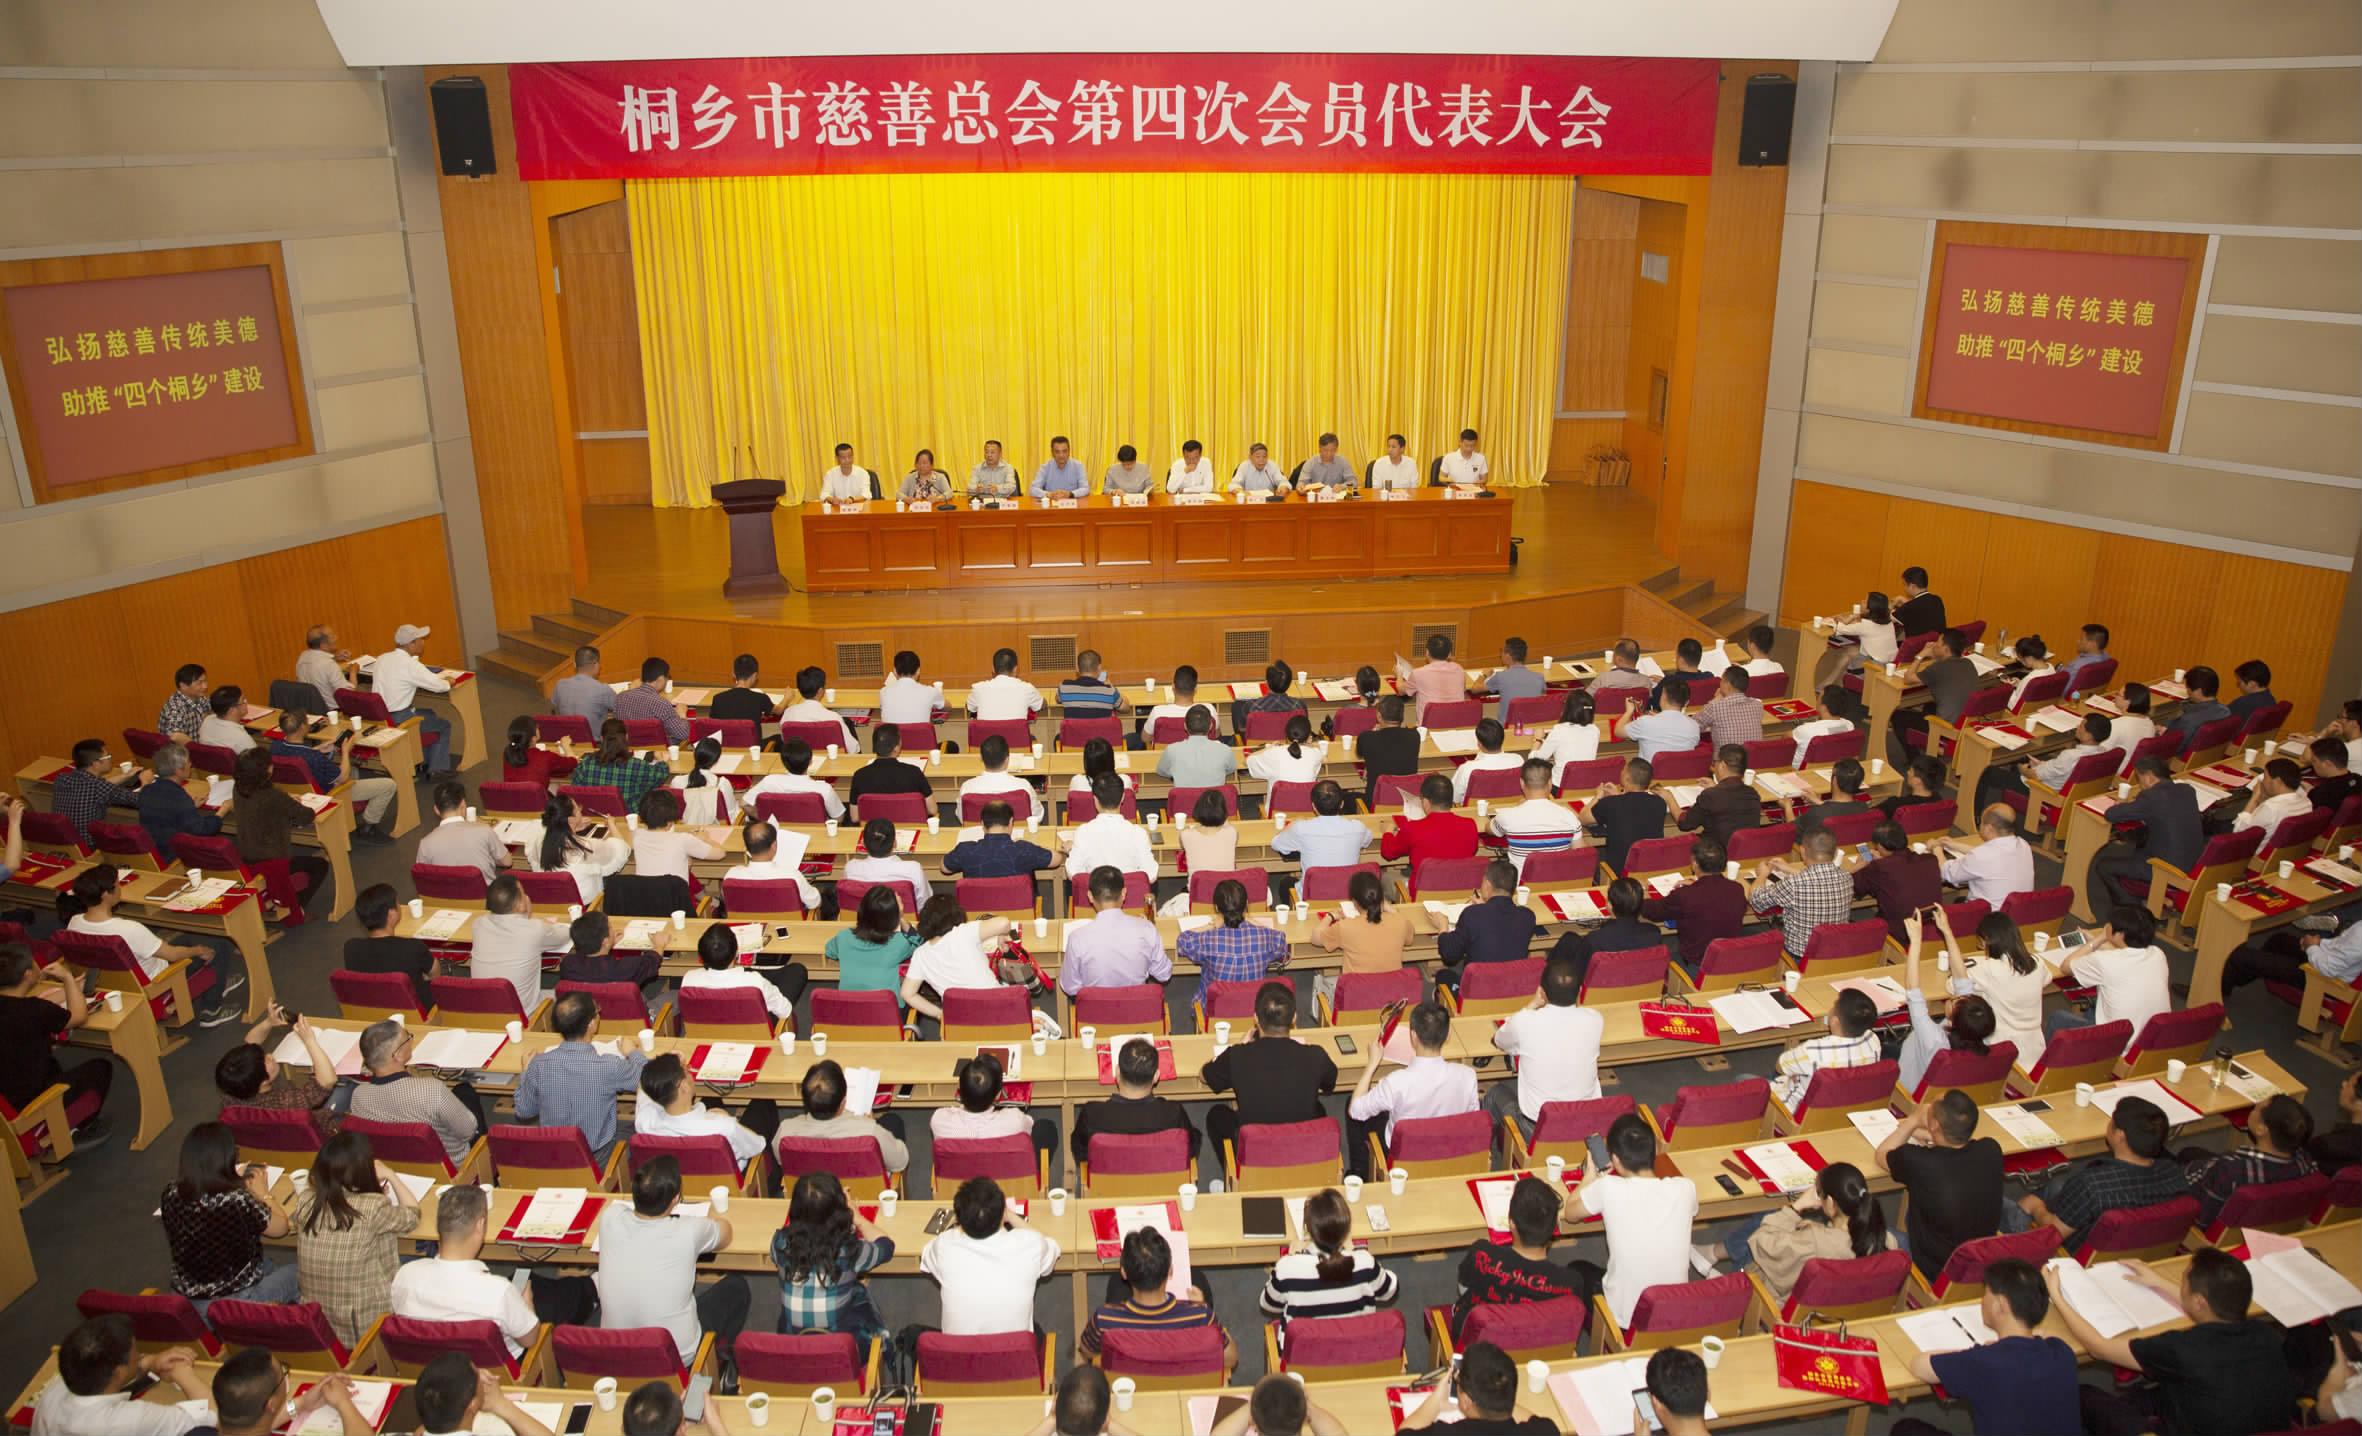 桐乡市慈善总会第四次会员代表大会召开 继往开_北京仁爱慈善基金会